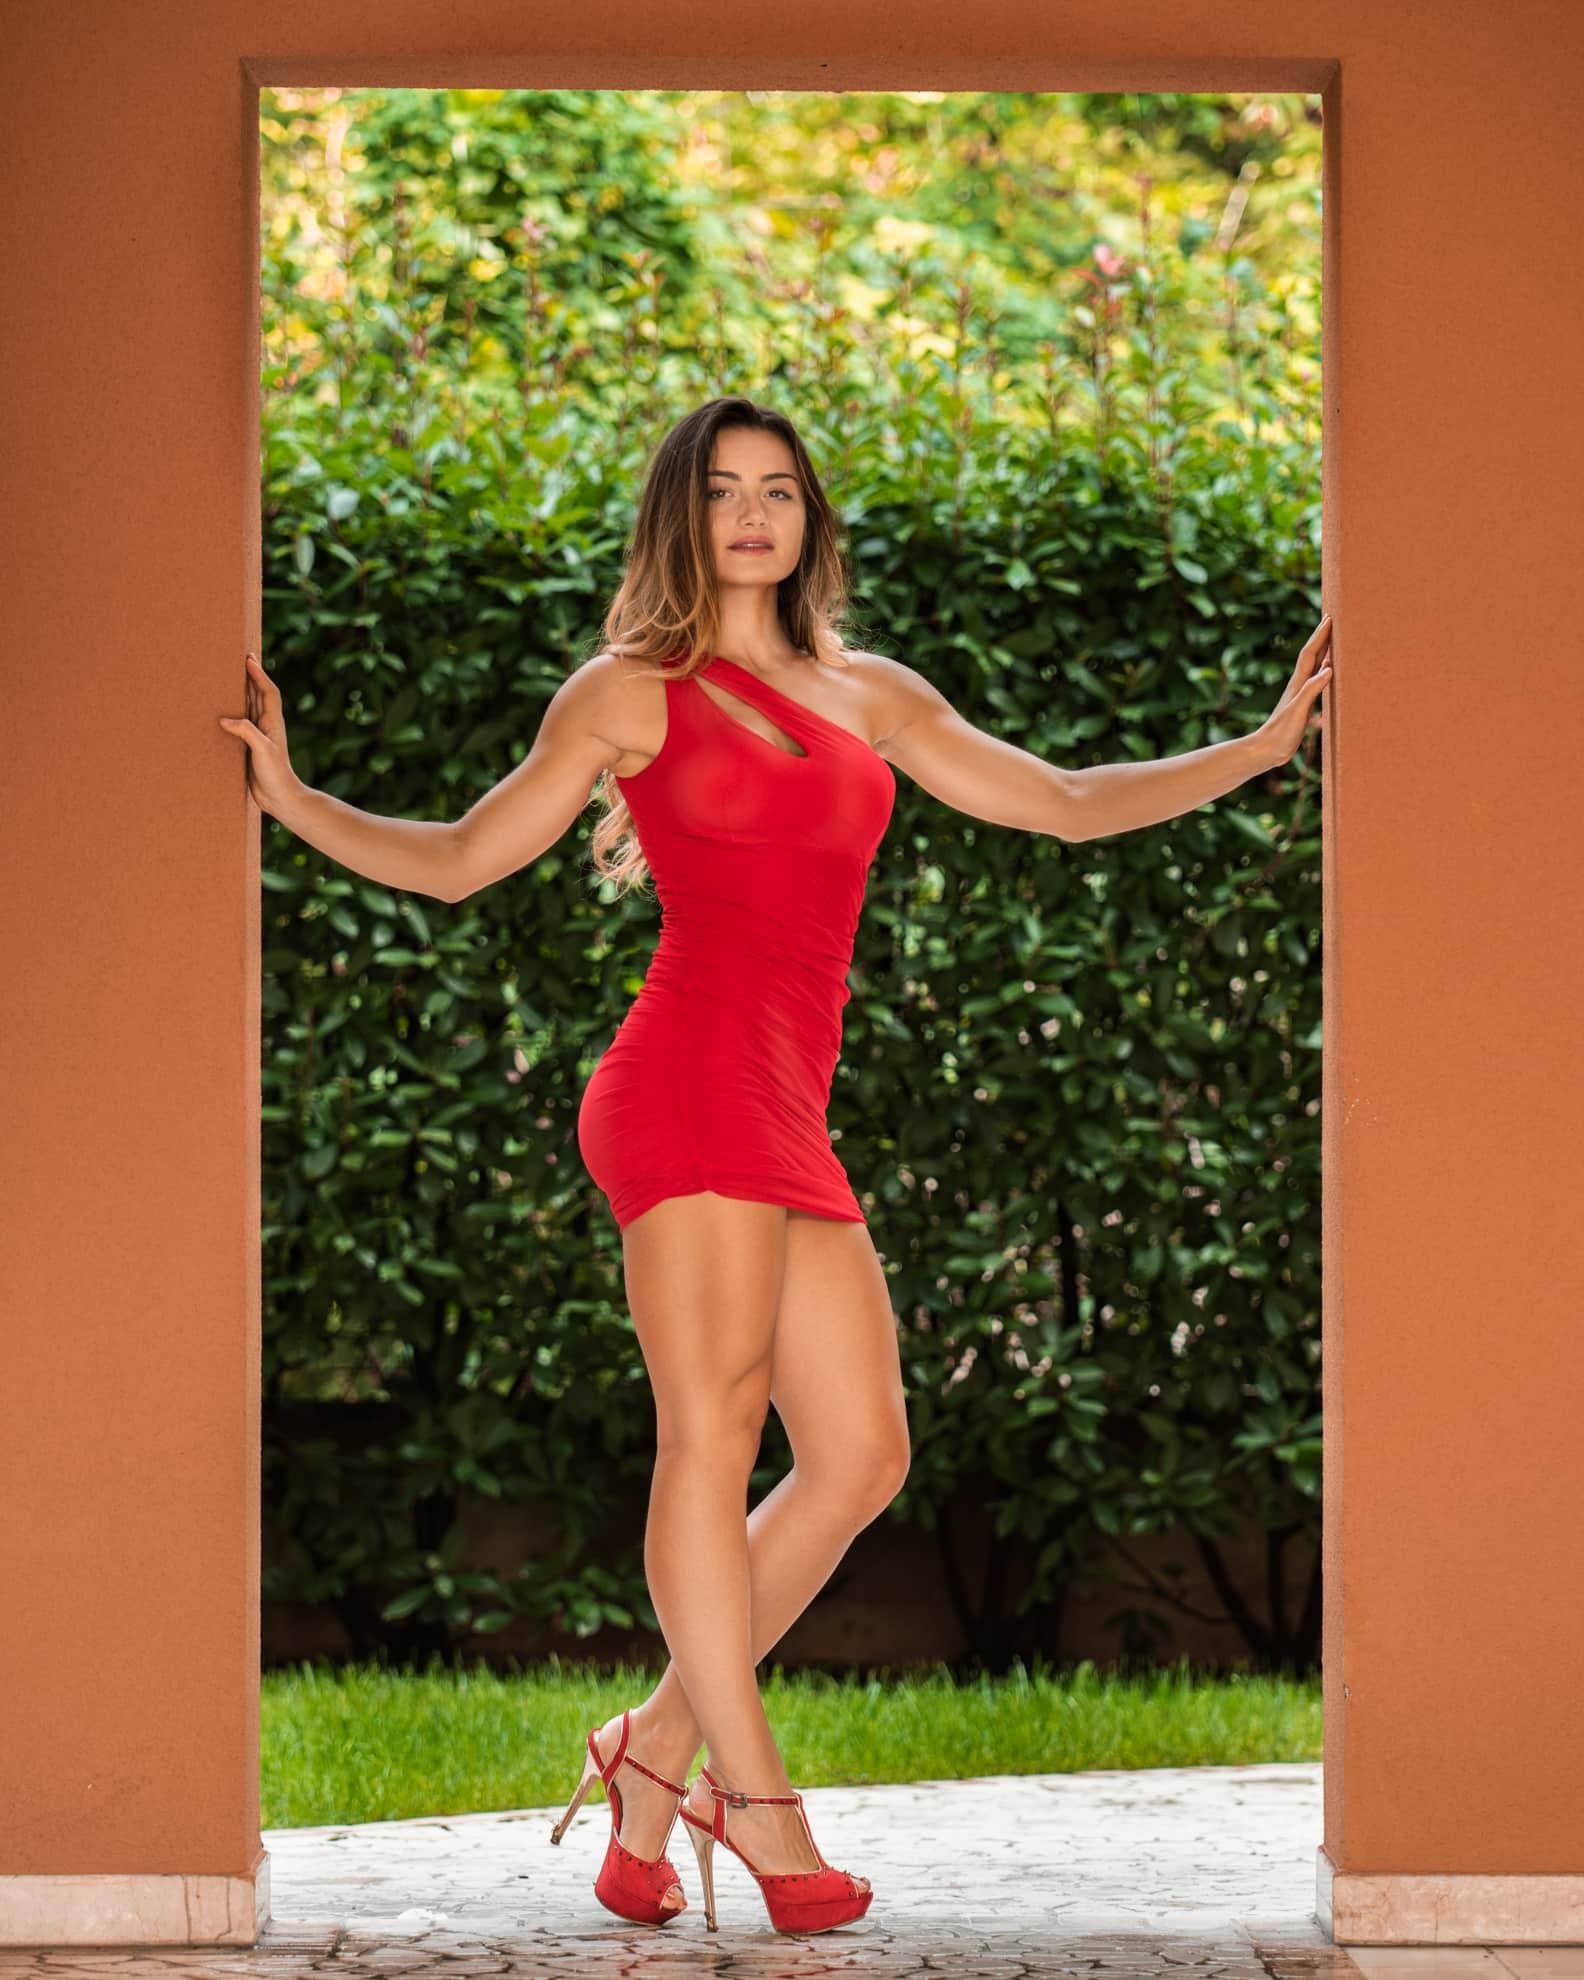 fotografofitness-giulia-costa-vestito-rosso